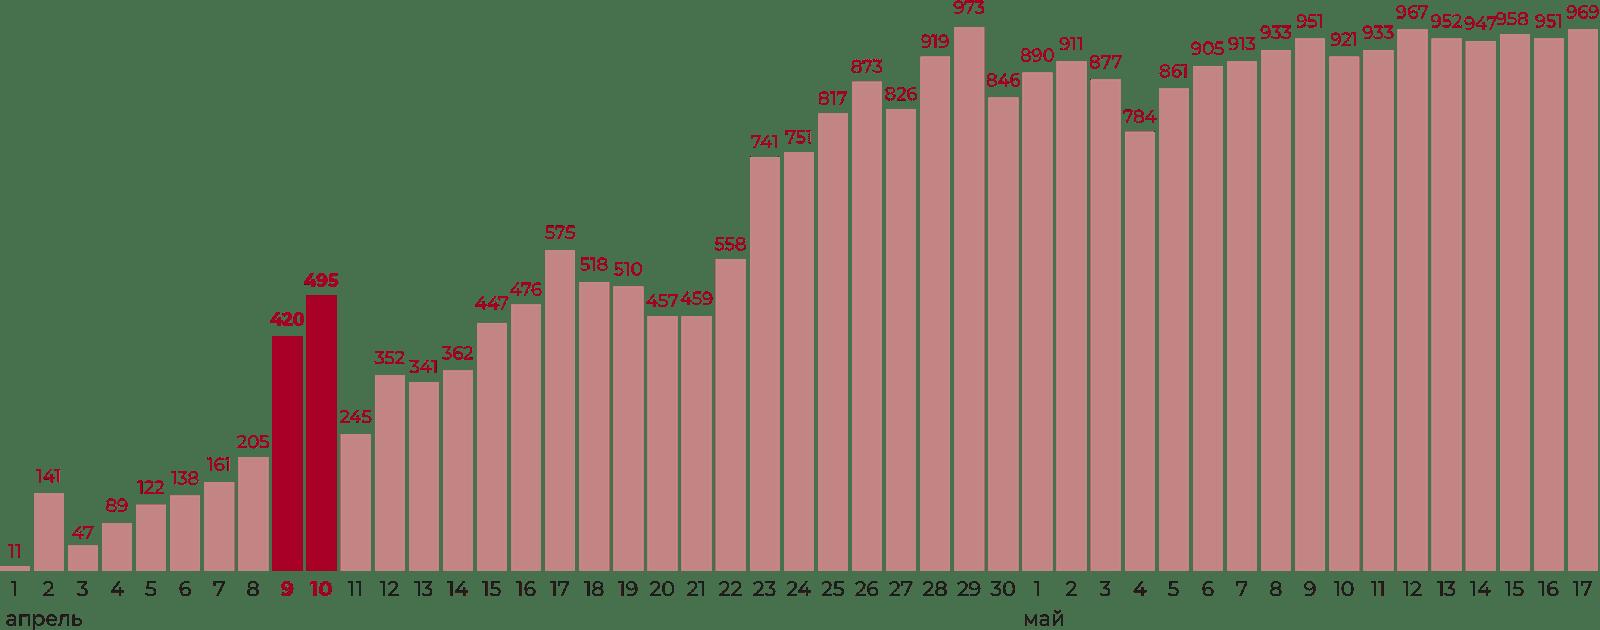 Инфографика: новые случаи заражения коронавирусом в Белоруссии, официальные данные